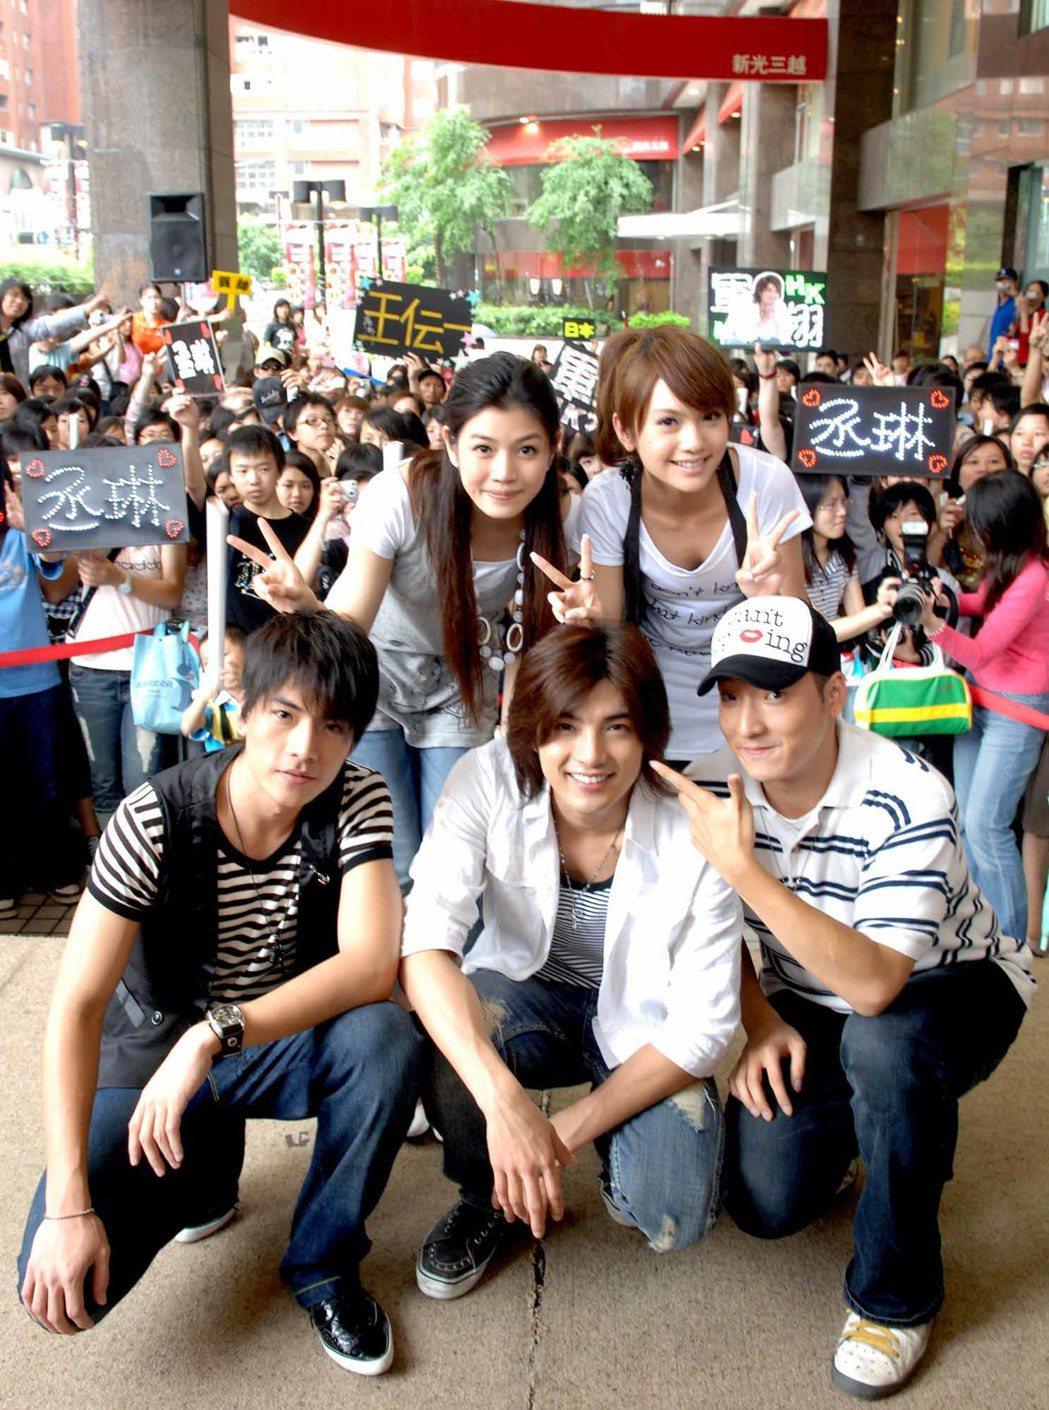 王傳一(左起)、陳妍希、賀軍翔、楊丞琳演出的「換換愛」在華視播出至今正好滿10年